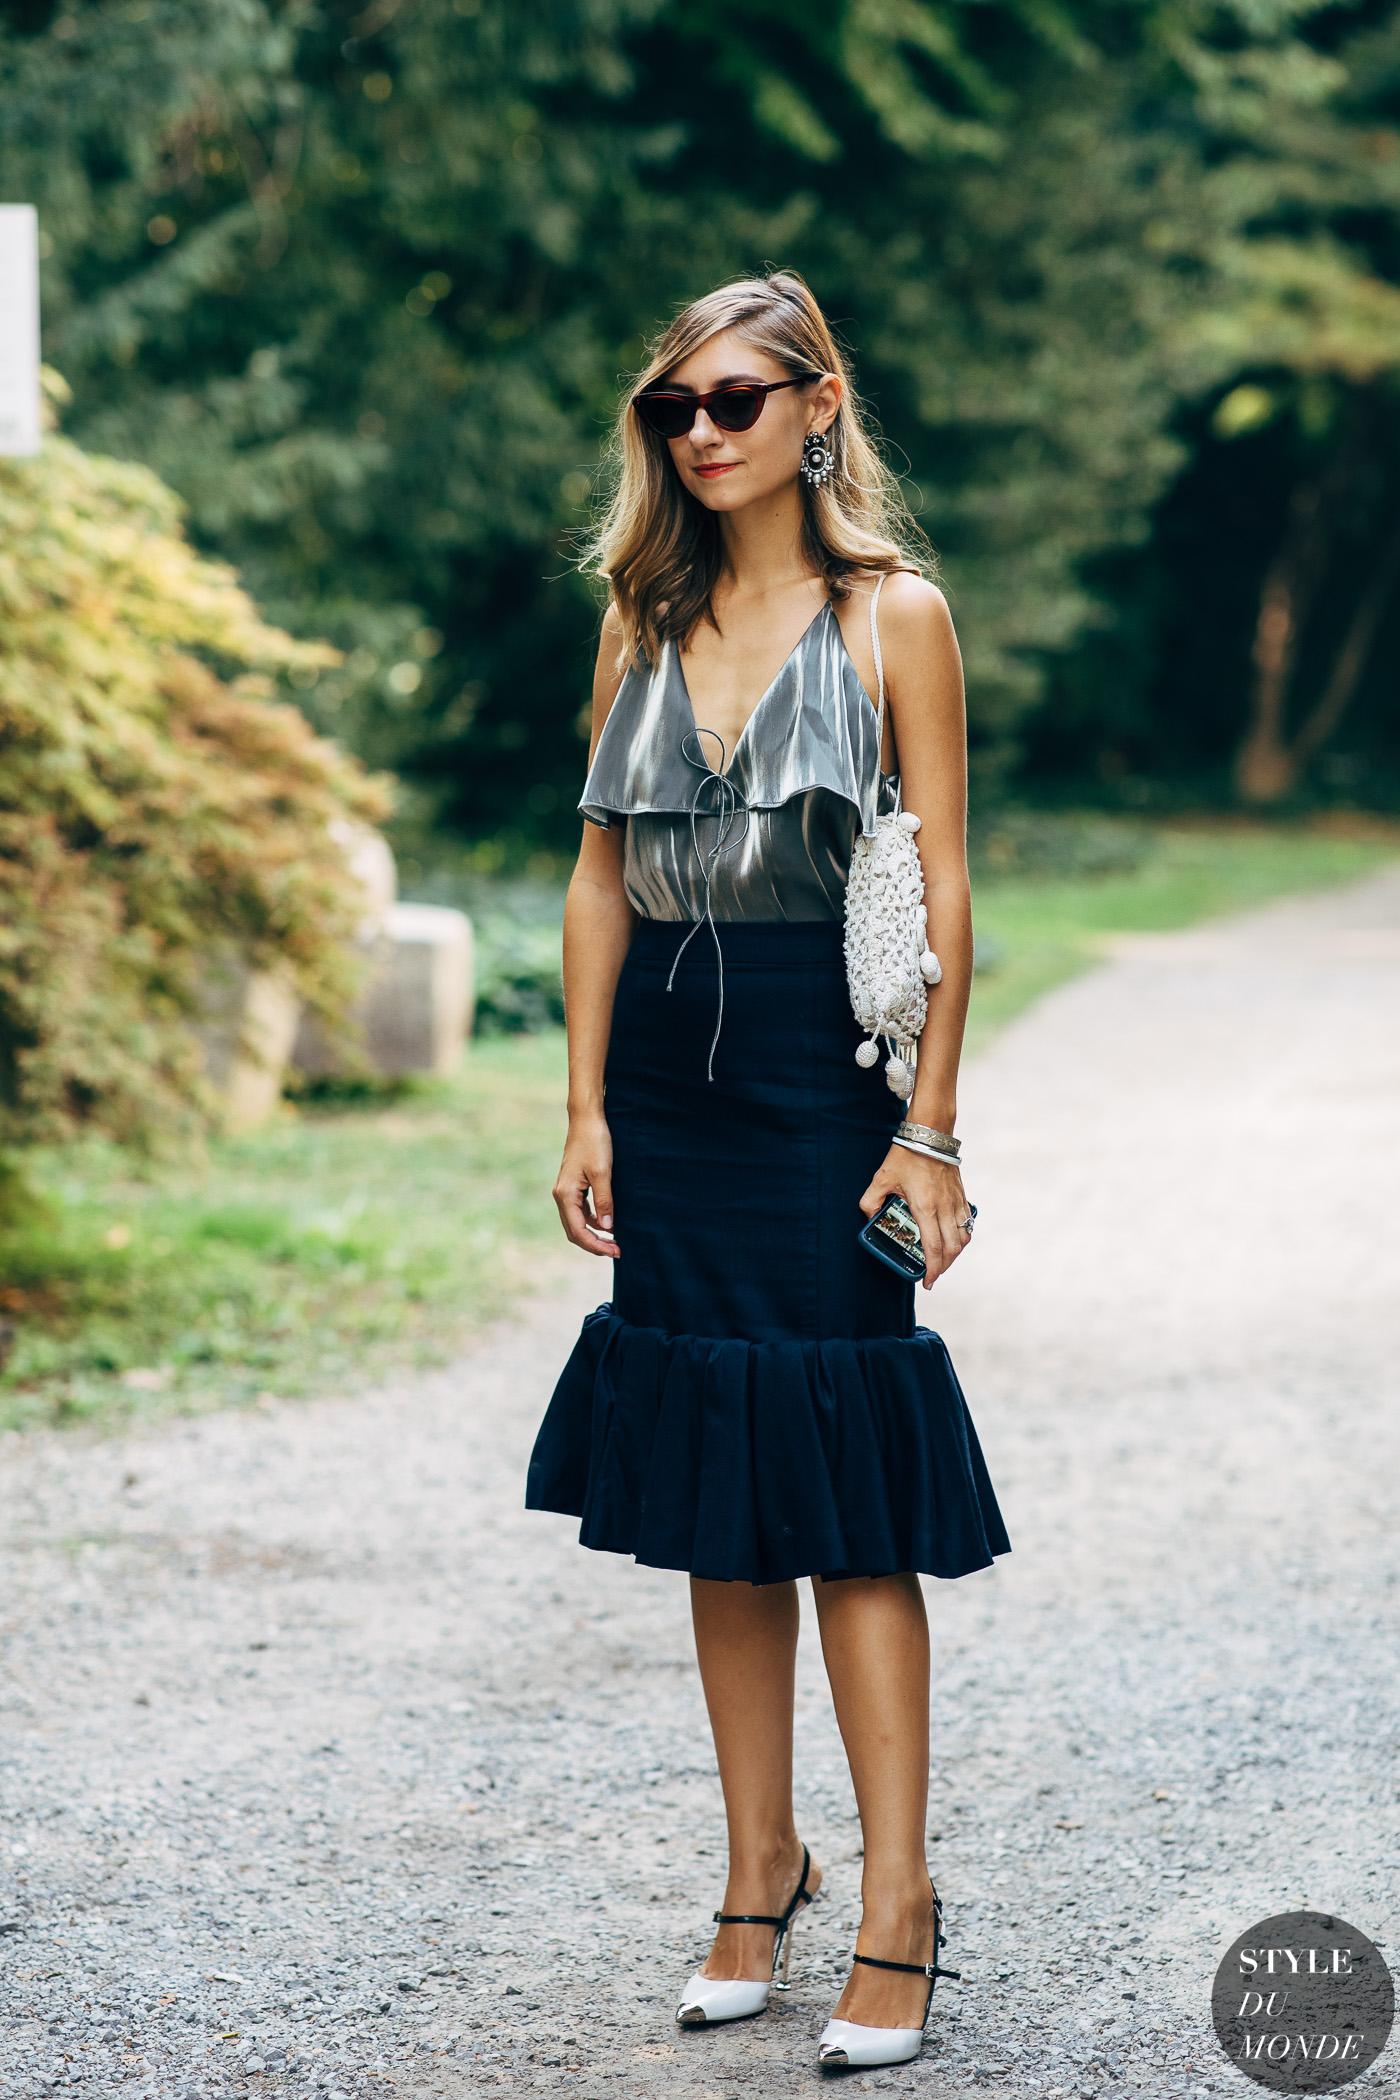 thời trang cung cự giải áo hai dây màu bạc chân váy đuôi cá màu xanh dương đậm